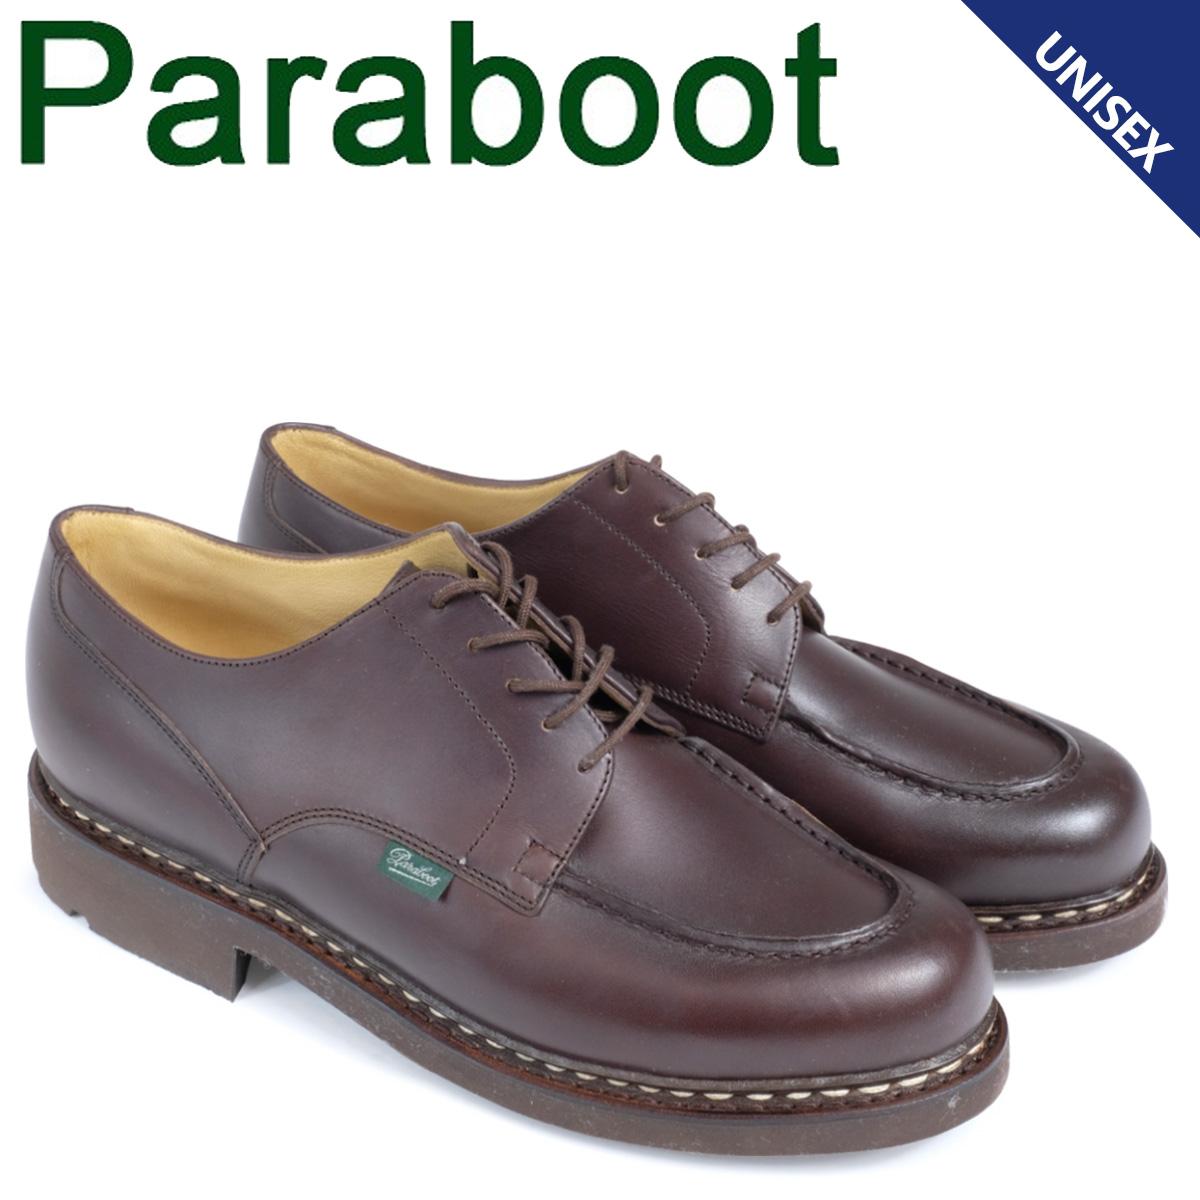 パラブーツ PARABOOT シャンボード CHAMBORD シューズ チロリアンシューズ 710707 メンズ レディース ブラウン [3/5 追加入荷]